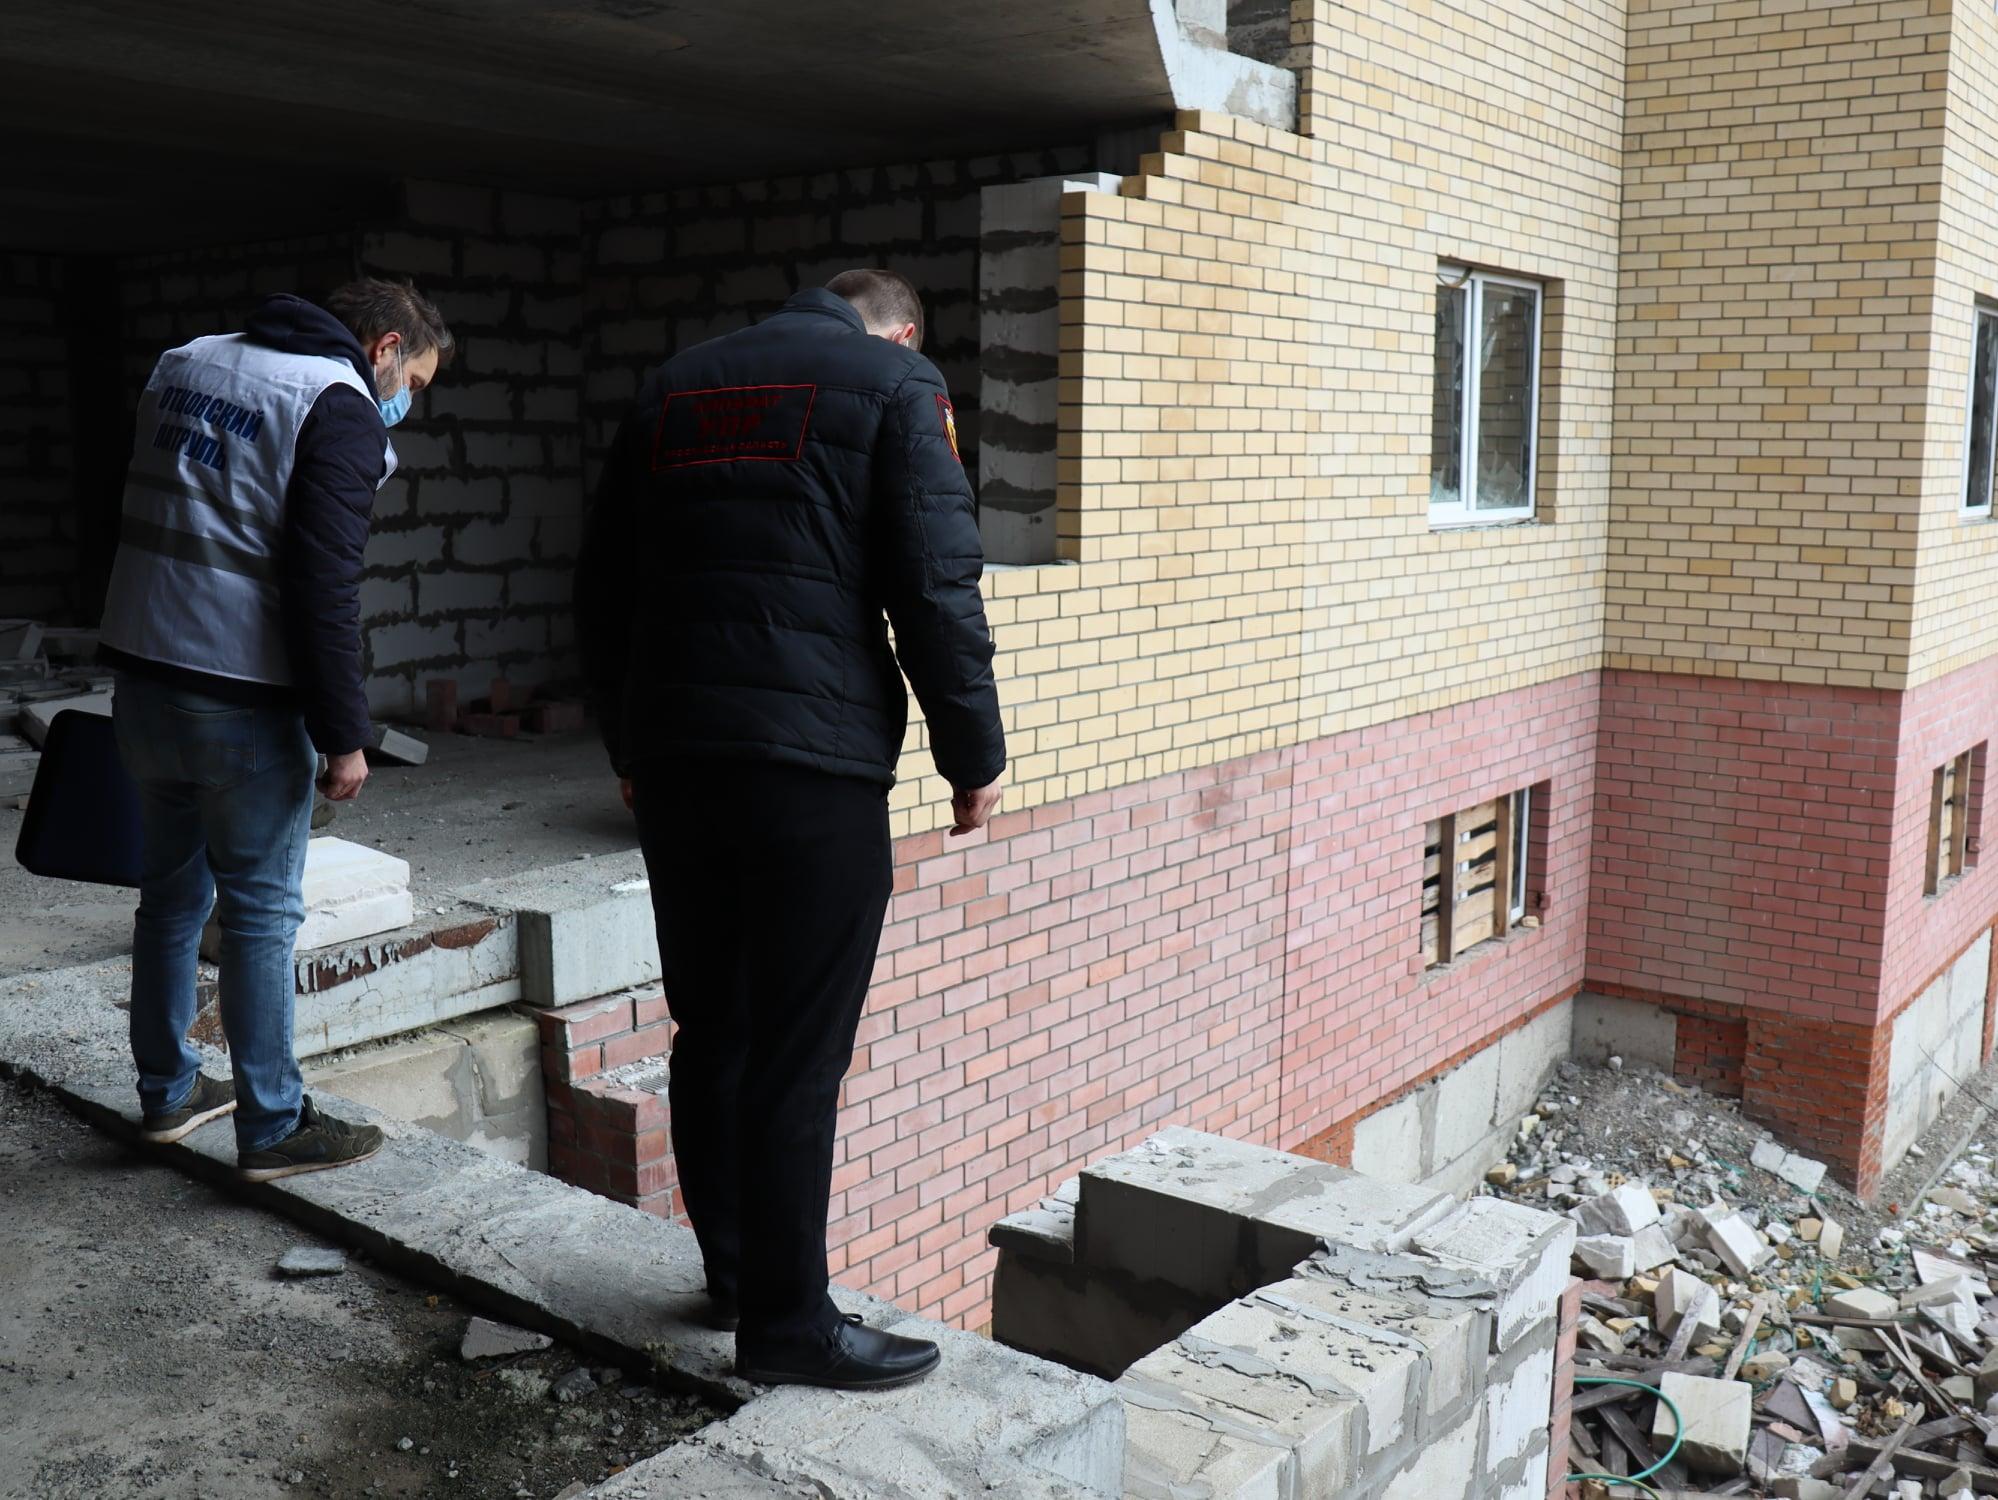 Бетонные плиты, битое стекло и арматура: в Ярославле детский омбудсмен просит ограничить доступ детей к опасному зданию